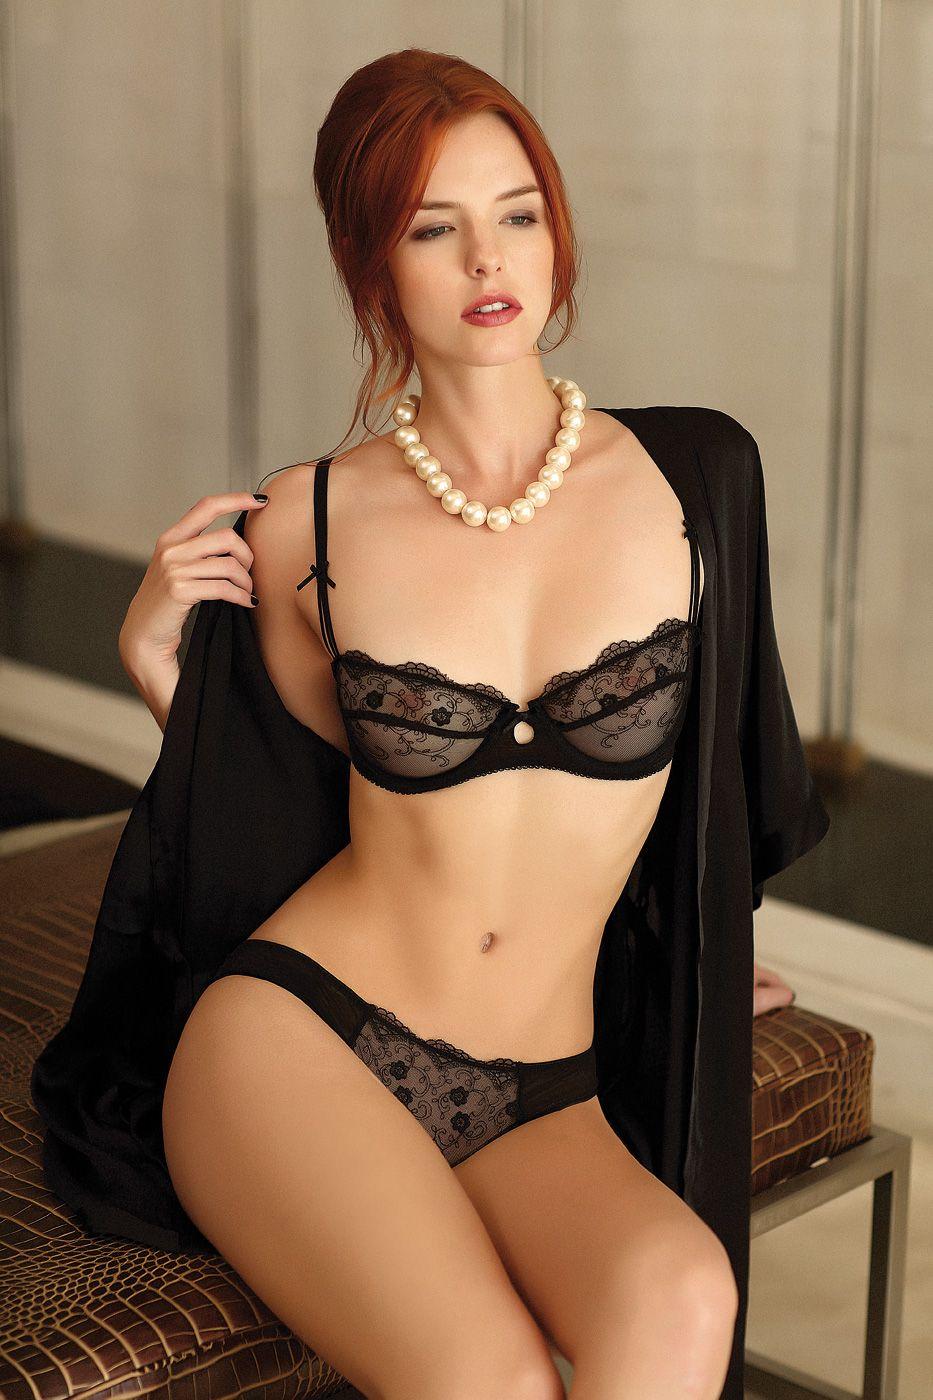 NELDA: Naughty redhead wearing lingerie classic